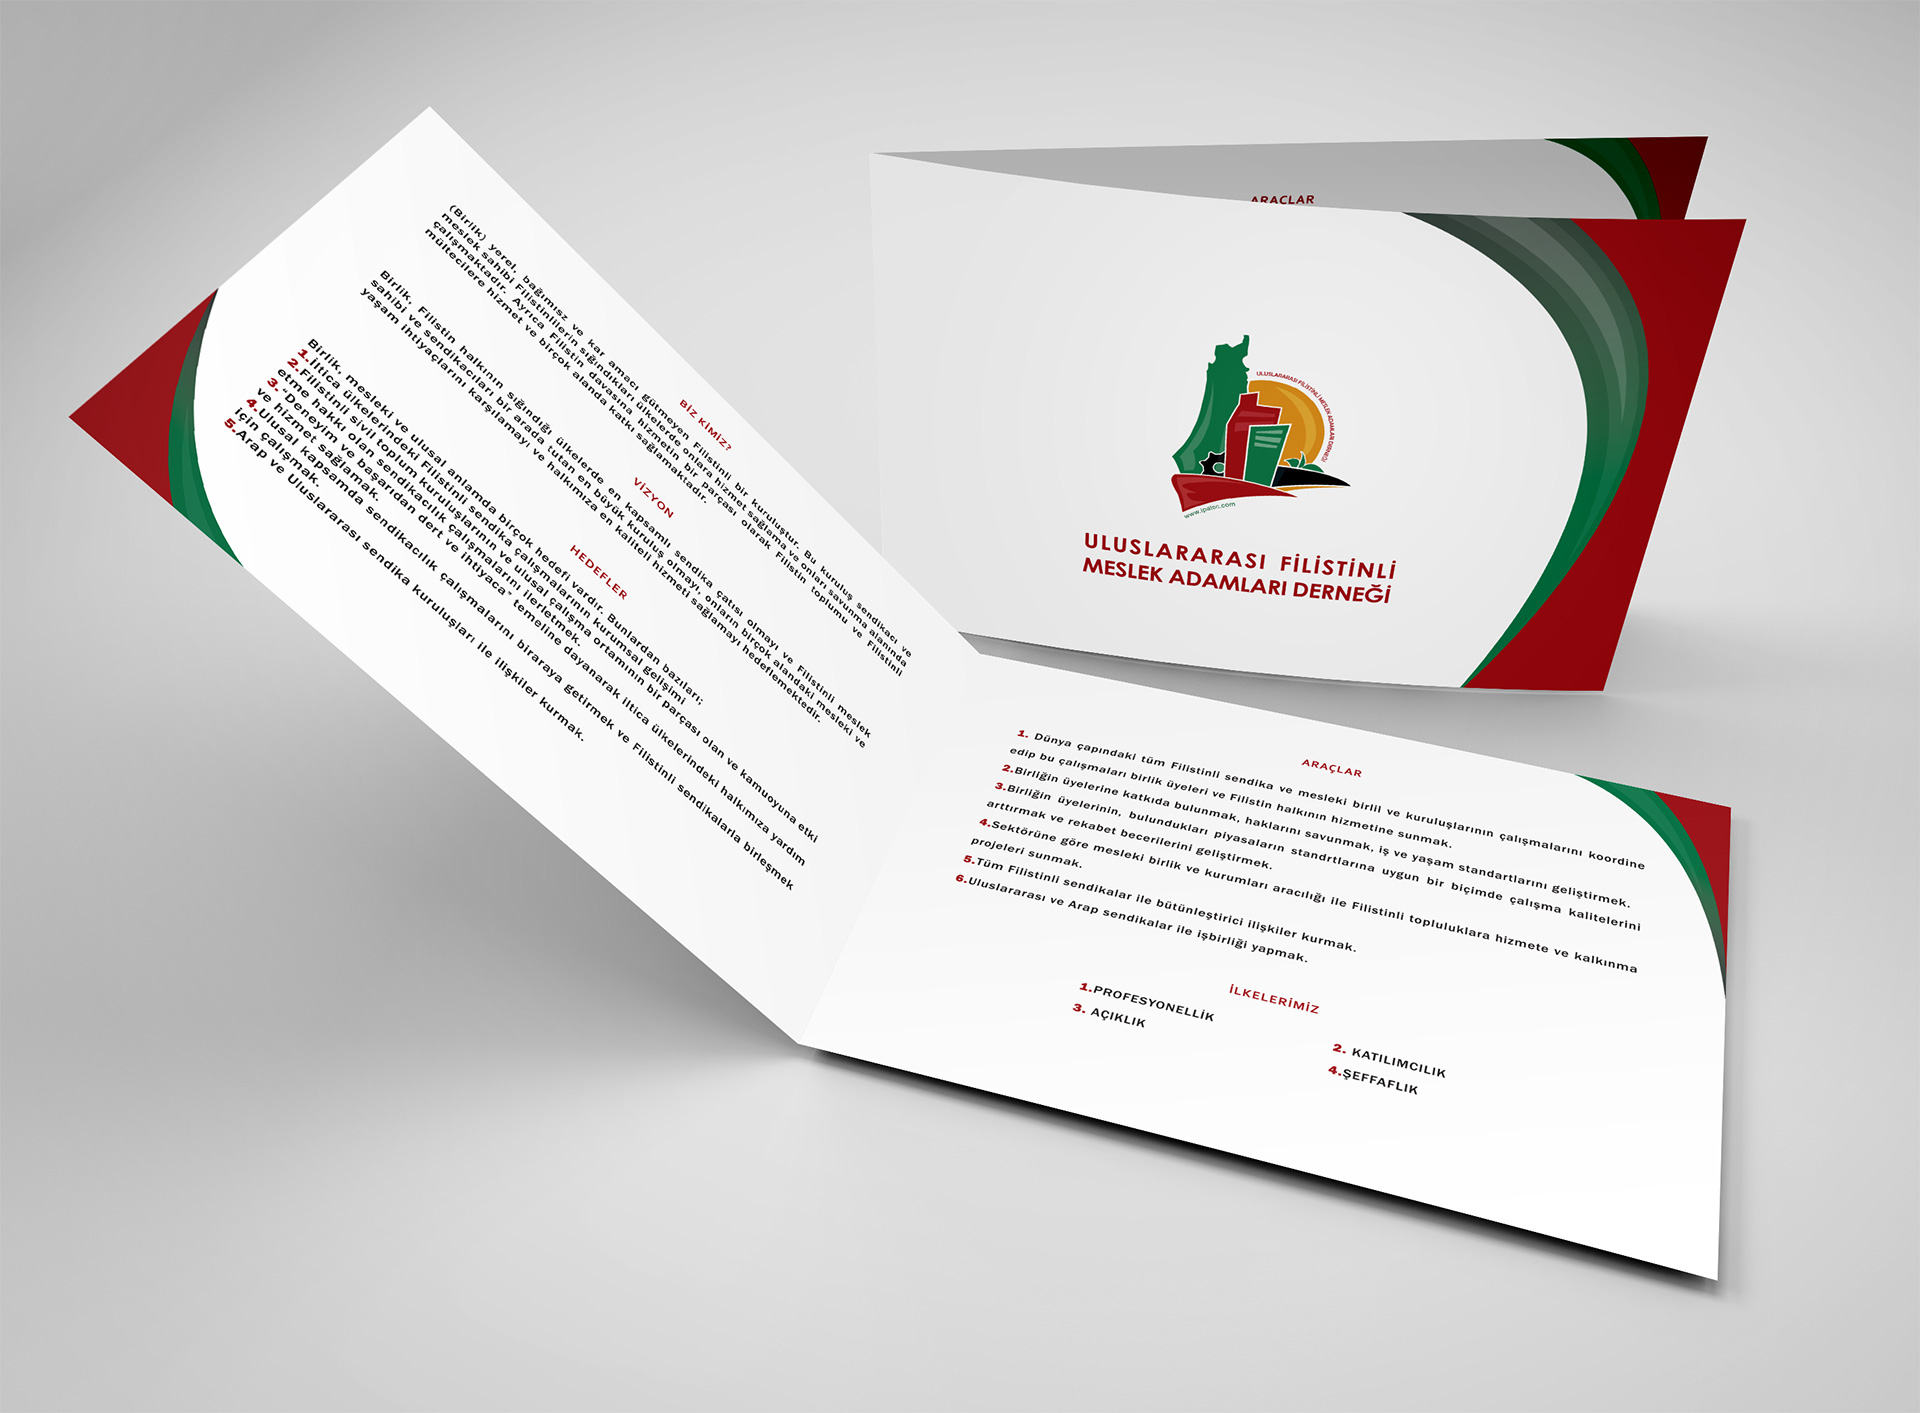 2P - خدمات العلاقات العامة والتسويق الرقمي - التجمع الدولي للمؤسسات والروابط المهنية الفلسطينية